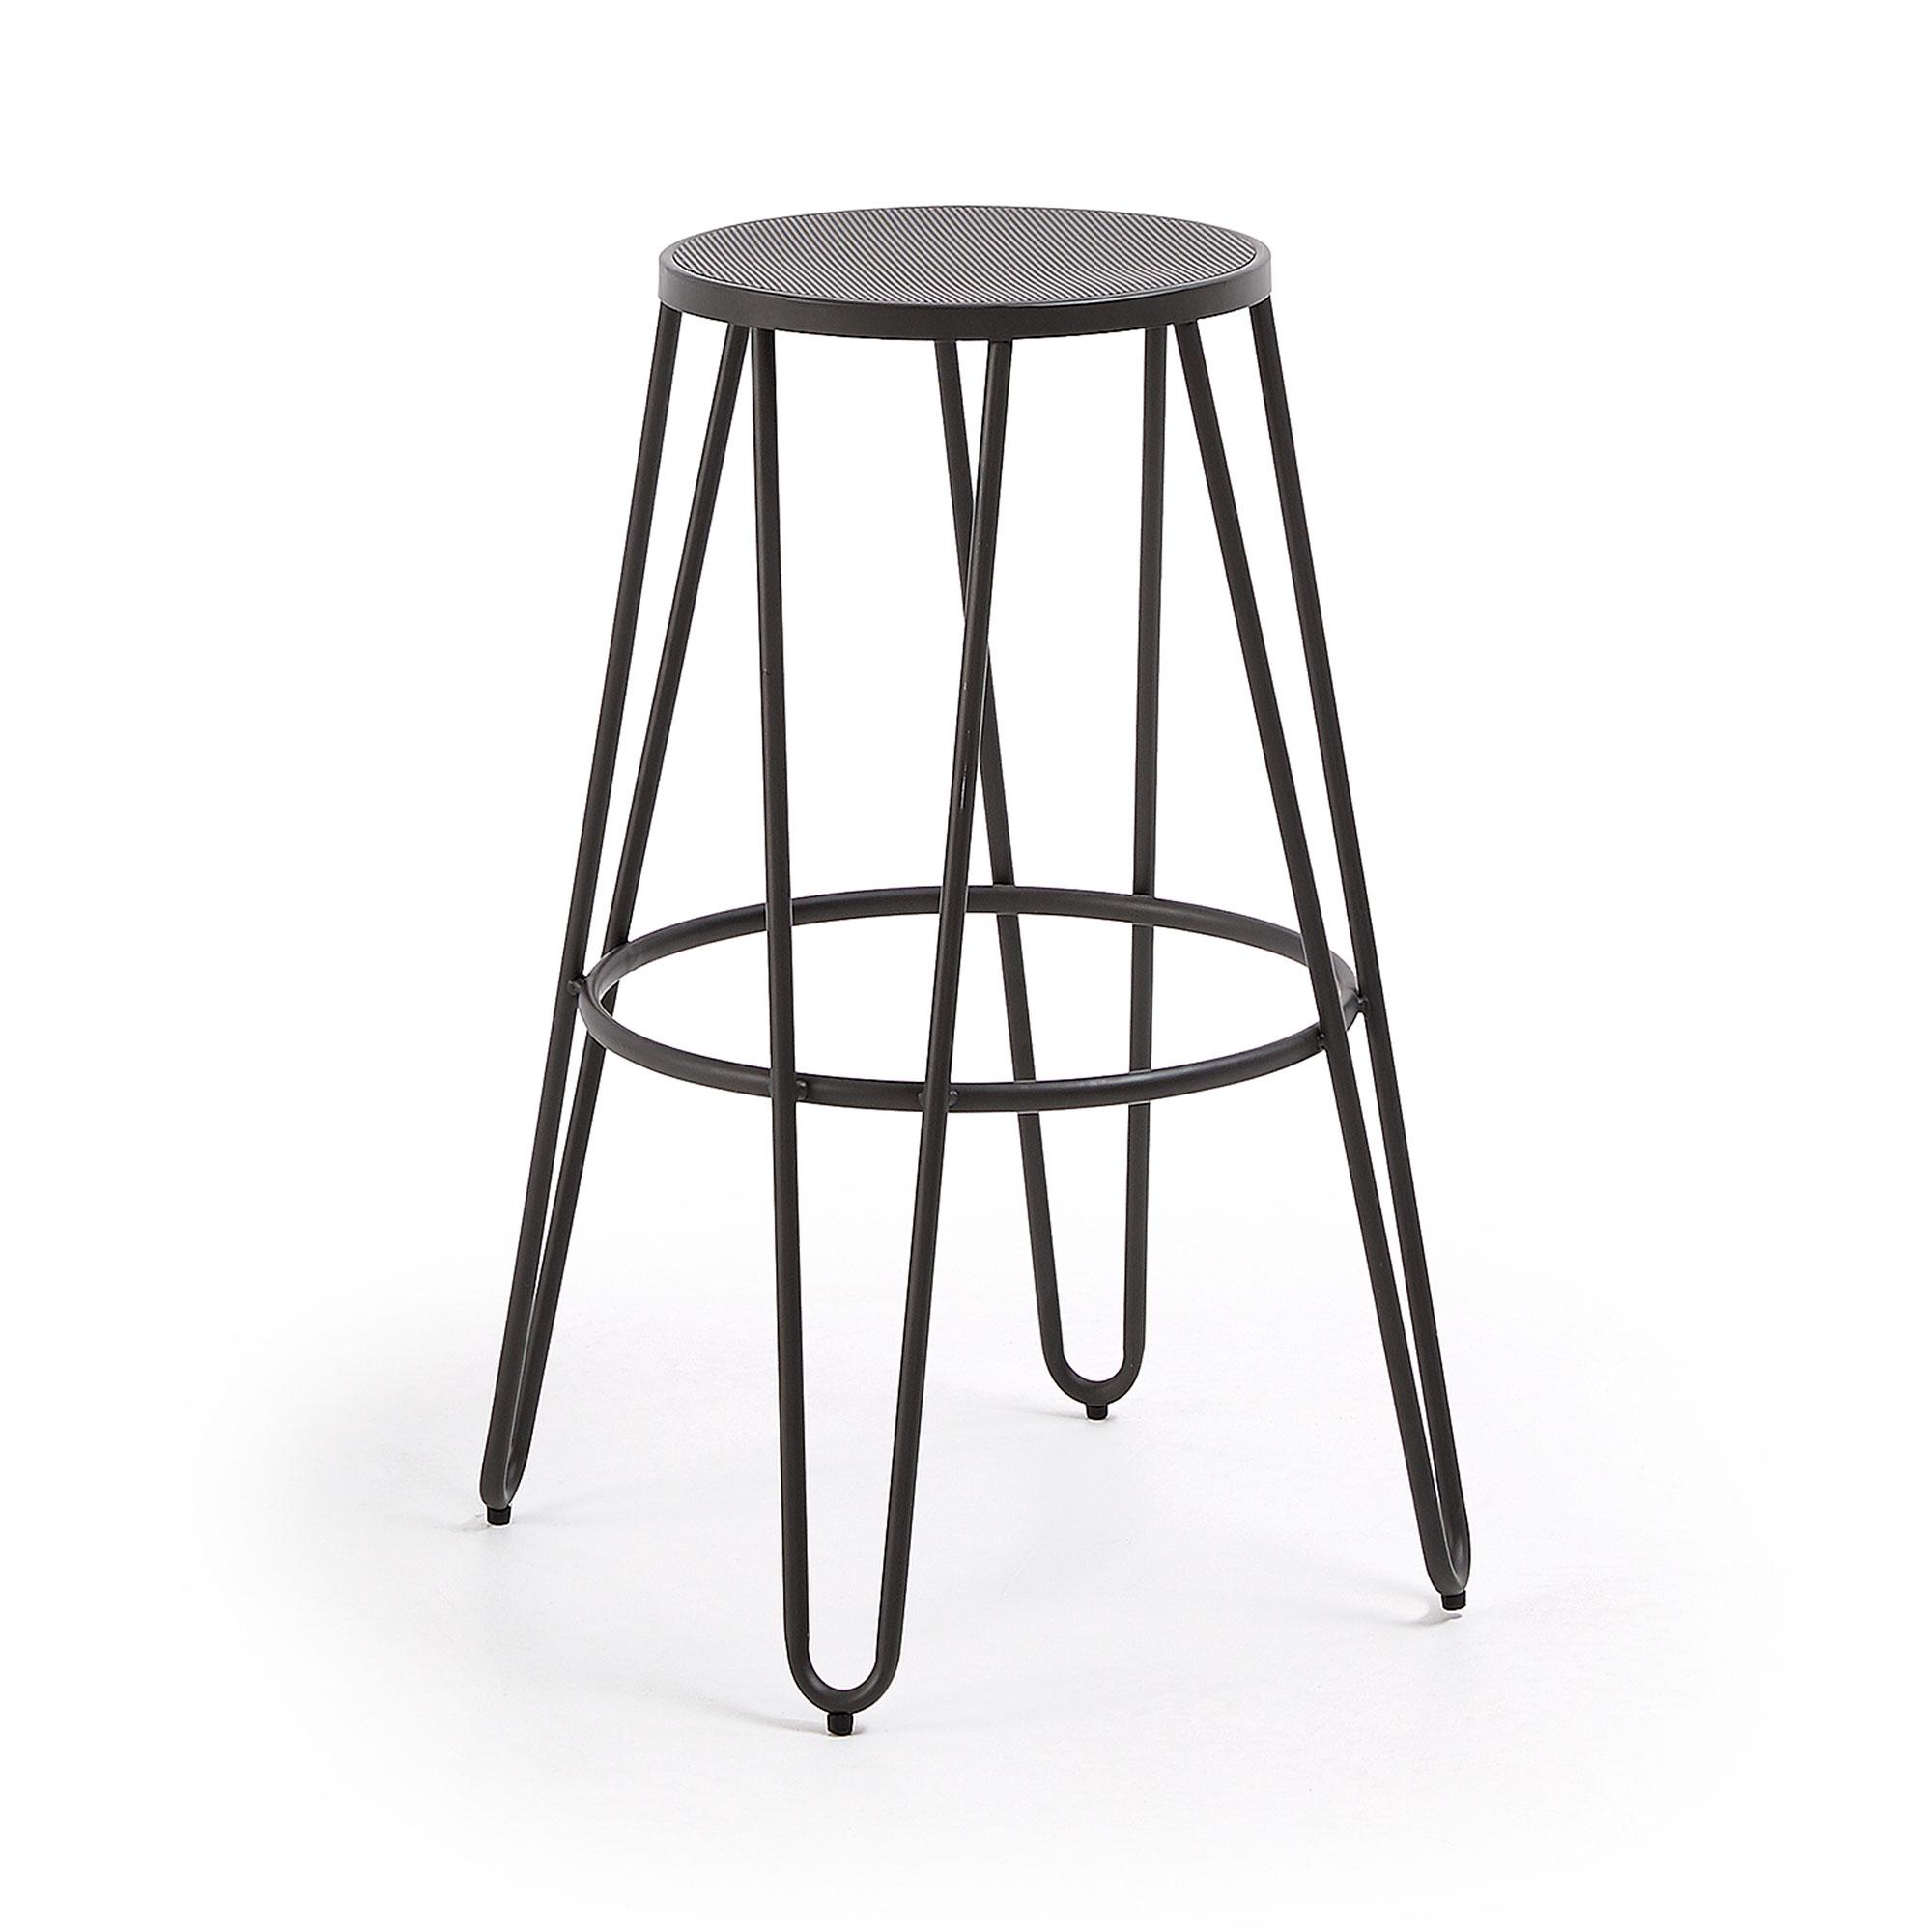 LAFORMA Mallone barstol - grafit grå stål, rund, høj (76cm)